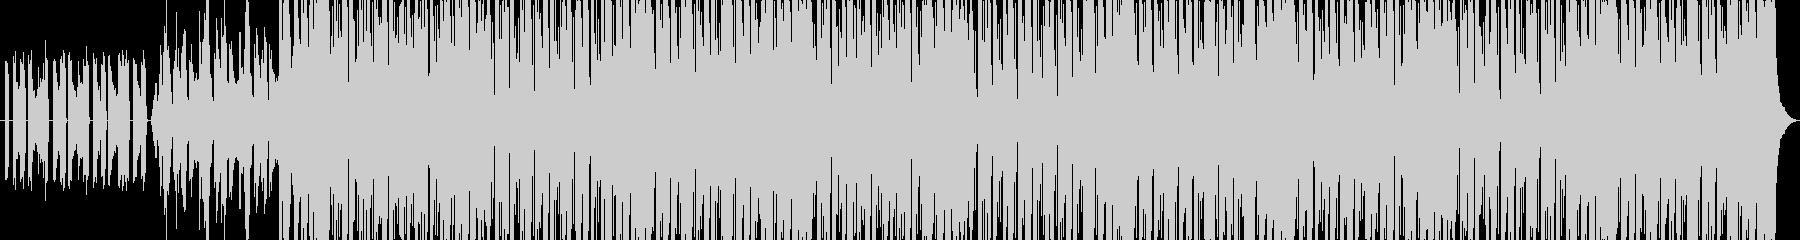 ミステリアスなファンタジーBGMの未再生の波形